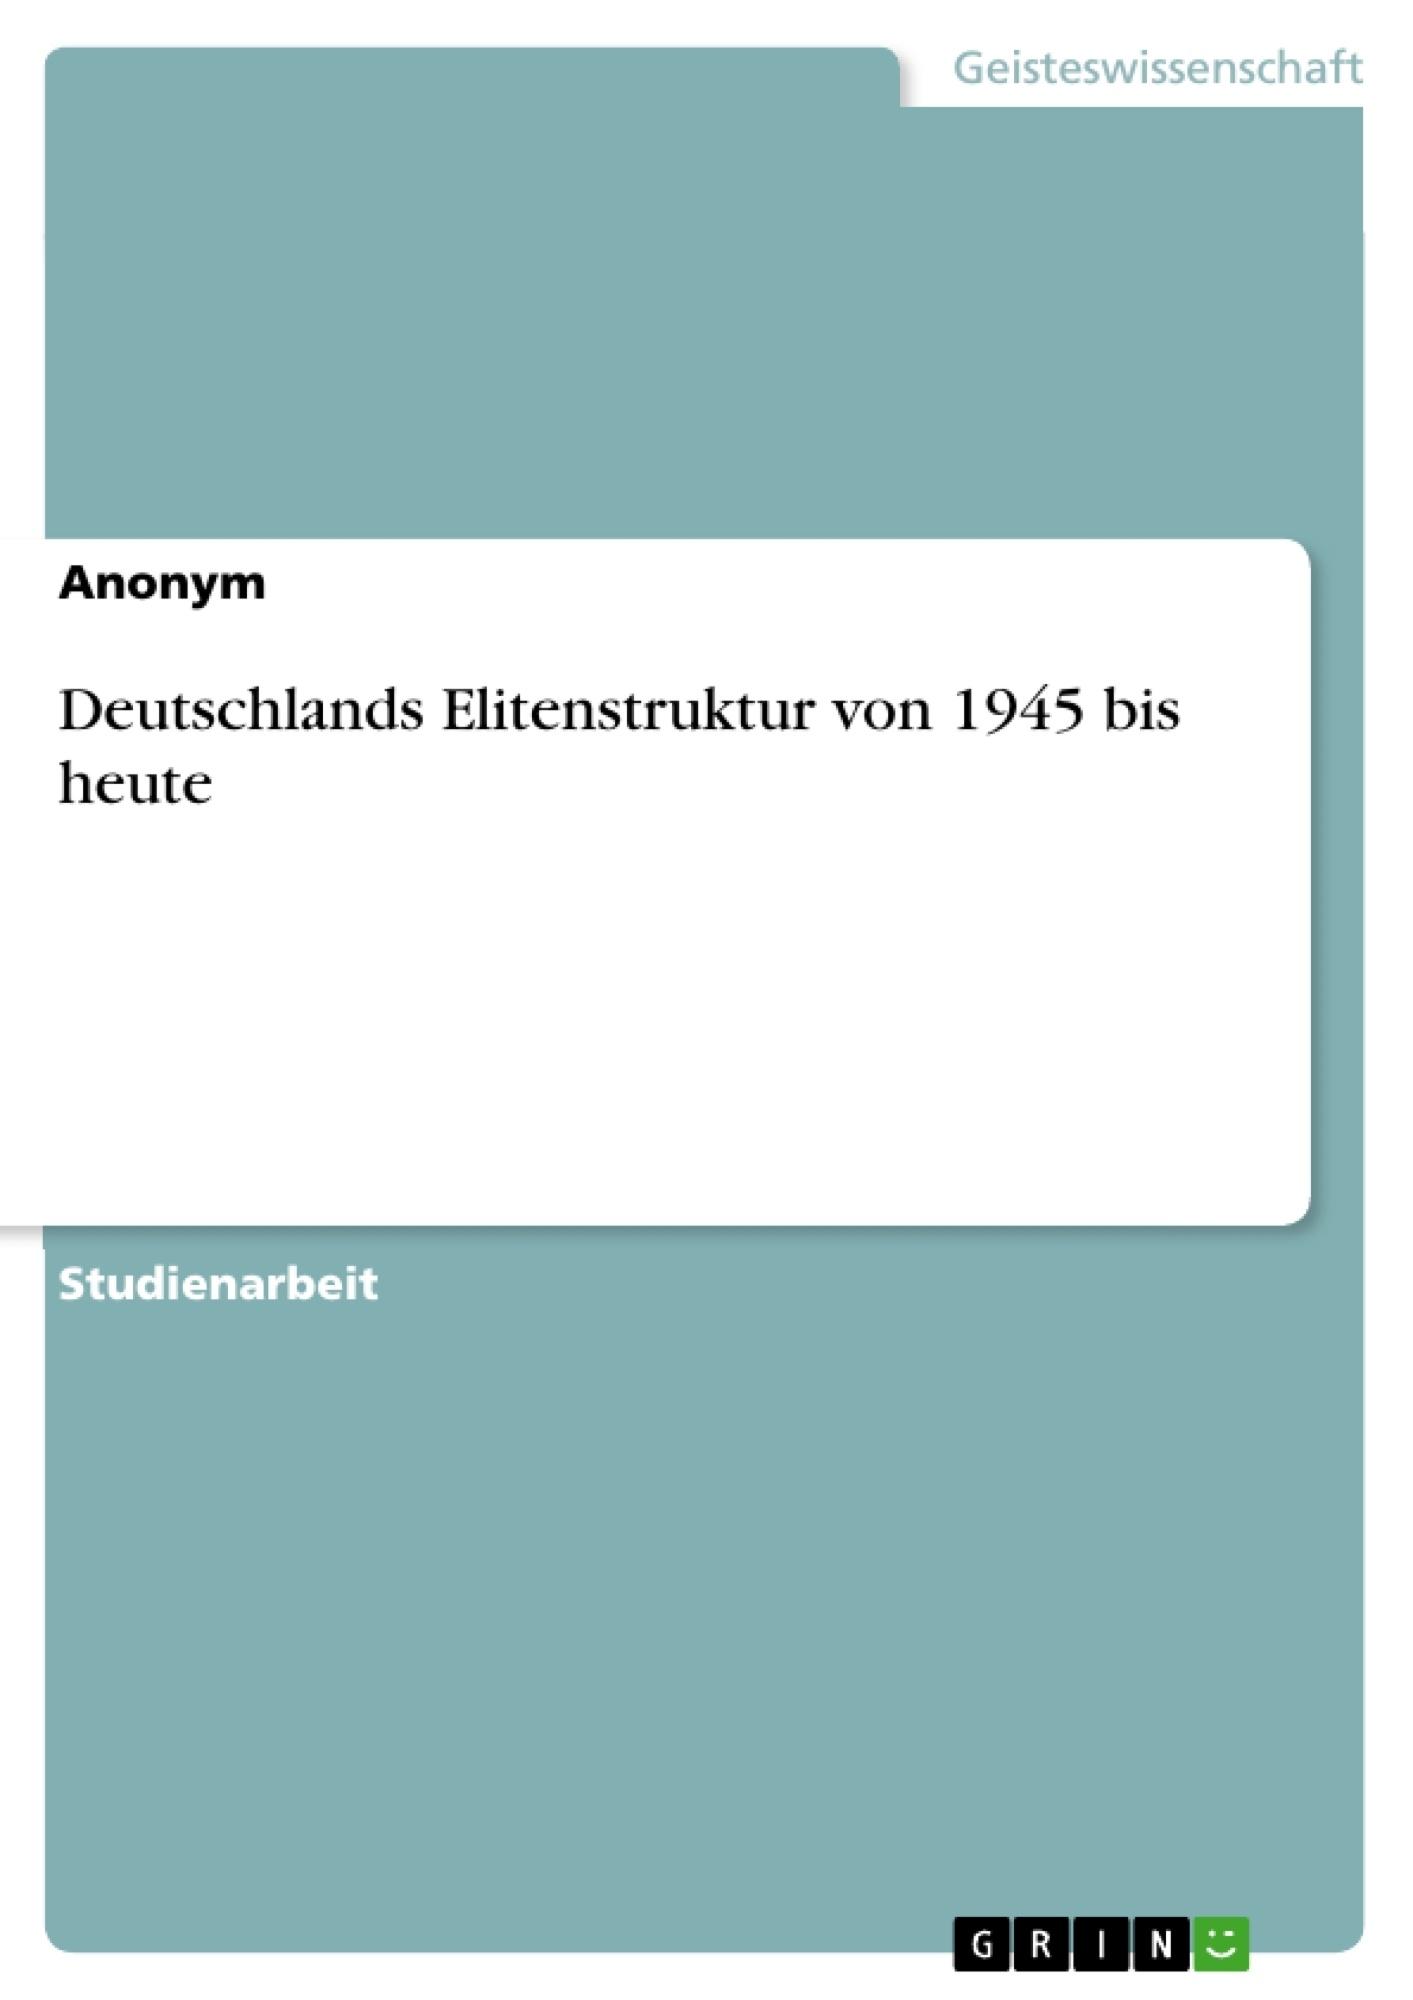 Titel: Deutschlands Elitenstruktur von 1945 bis heute